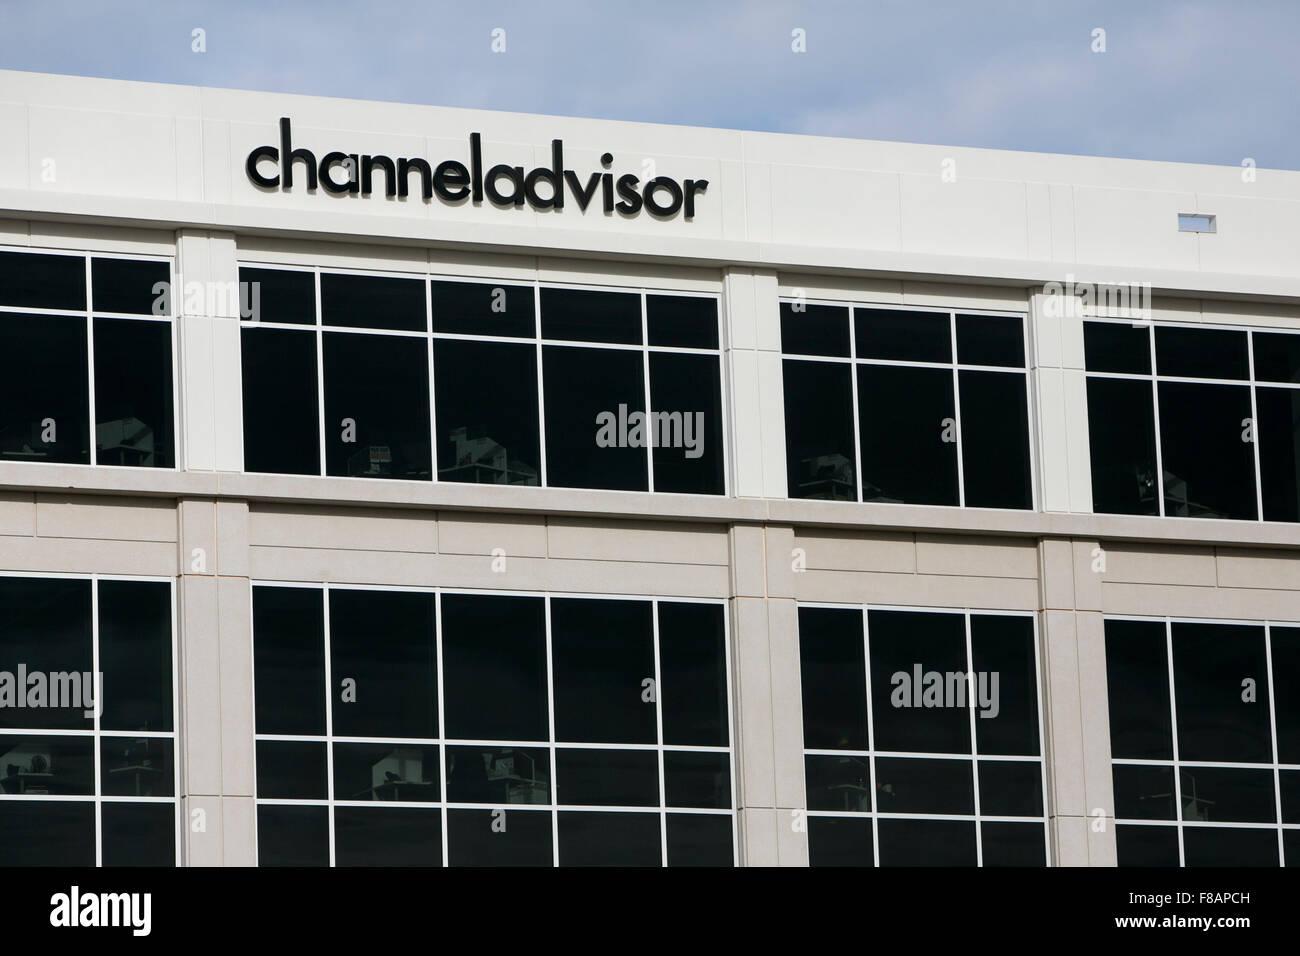 Un logo segno al di fuori della sede di ChannelAdvisor in Morrisville, Carolina del Nord il 29 novembre 2015. Immagini Stock